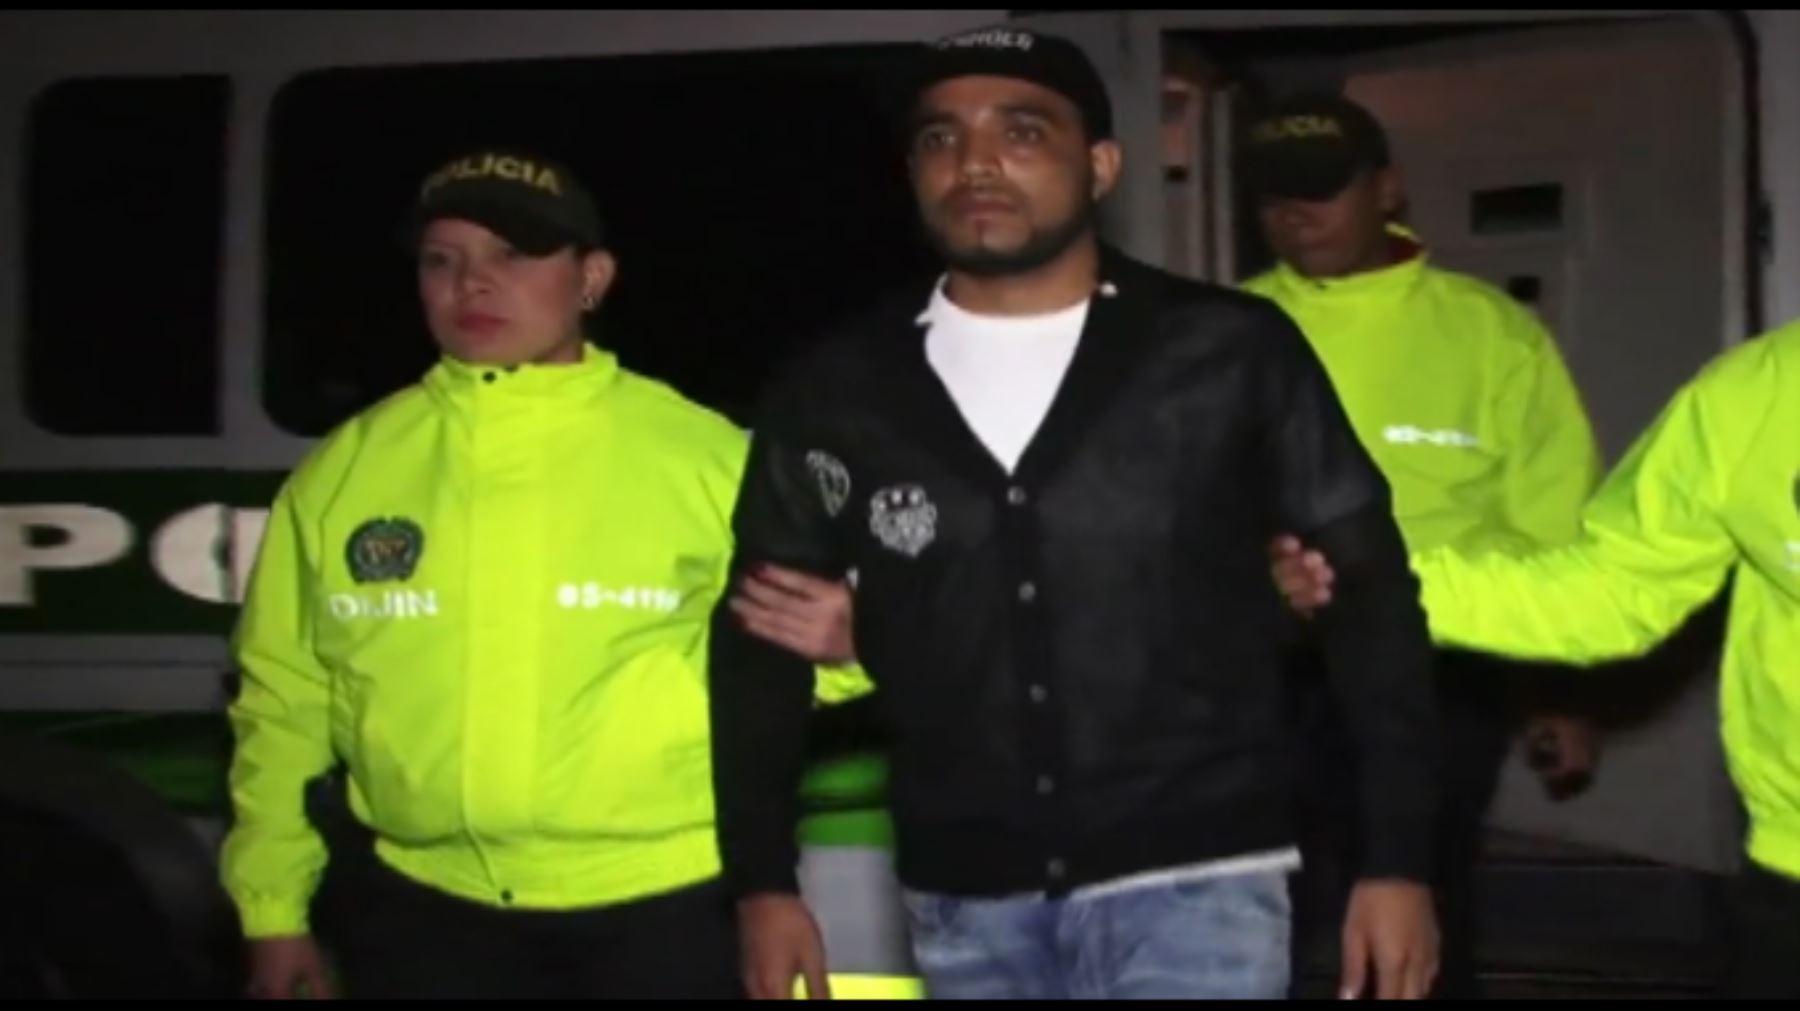 """Delincuente peruano """"Caracol"""" capturado en Colombia y entregado a autoridades peruanas. Captura TV"""